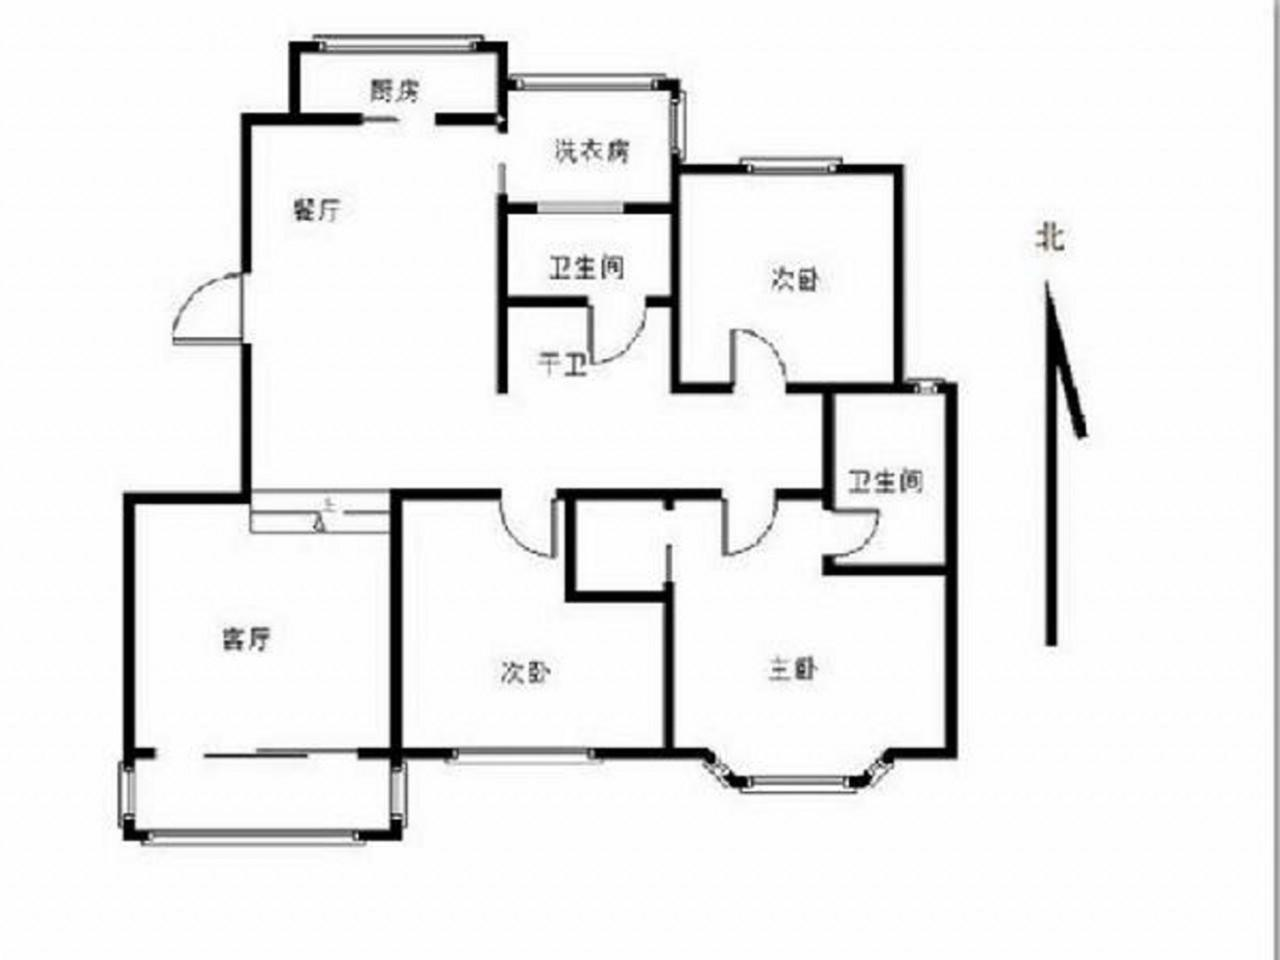 秦淮区朝天宫金鼎湾花园3室2厅户型图